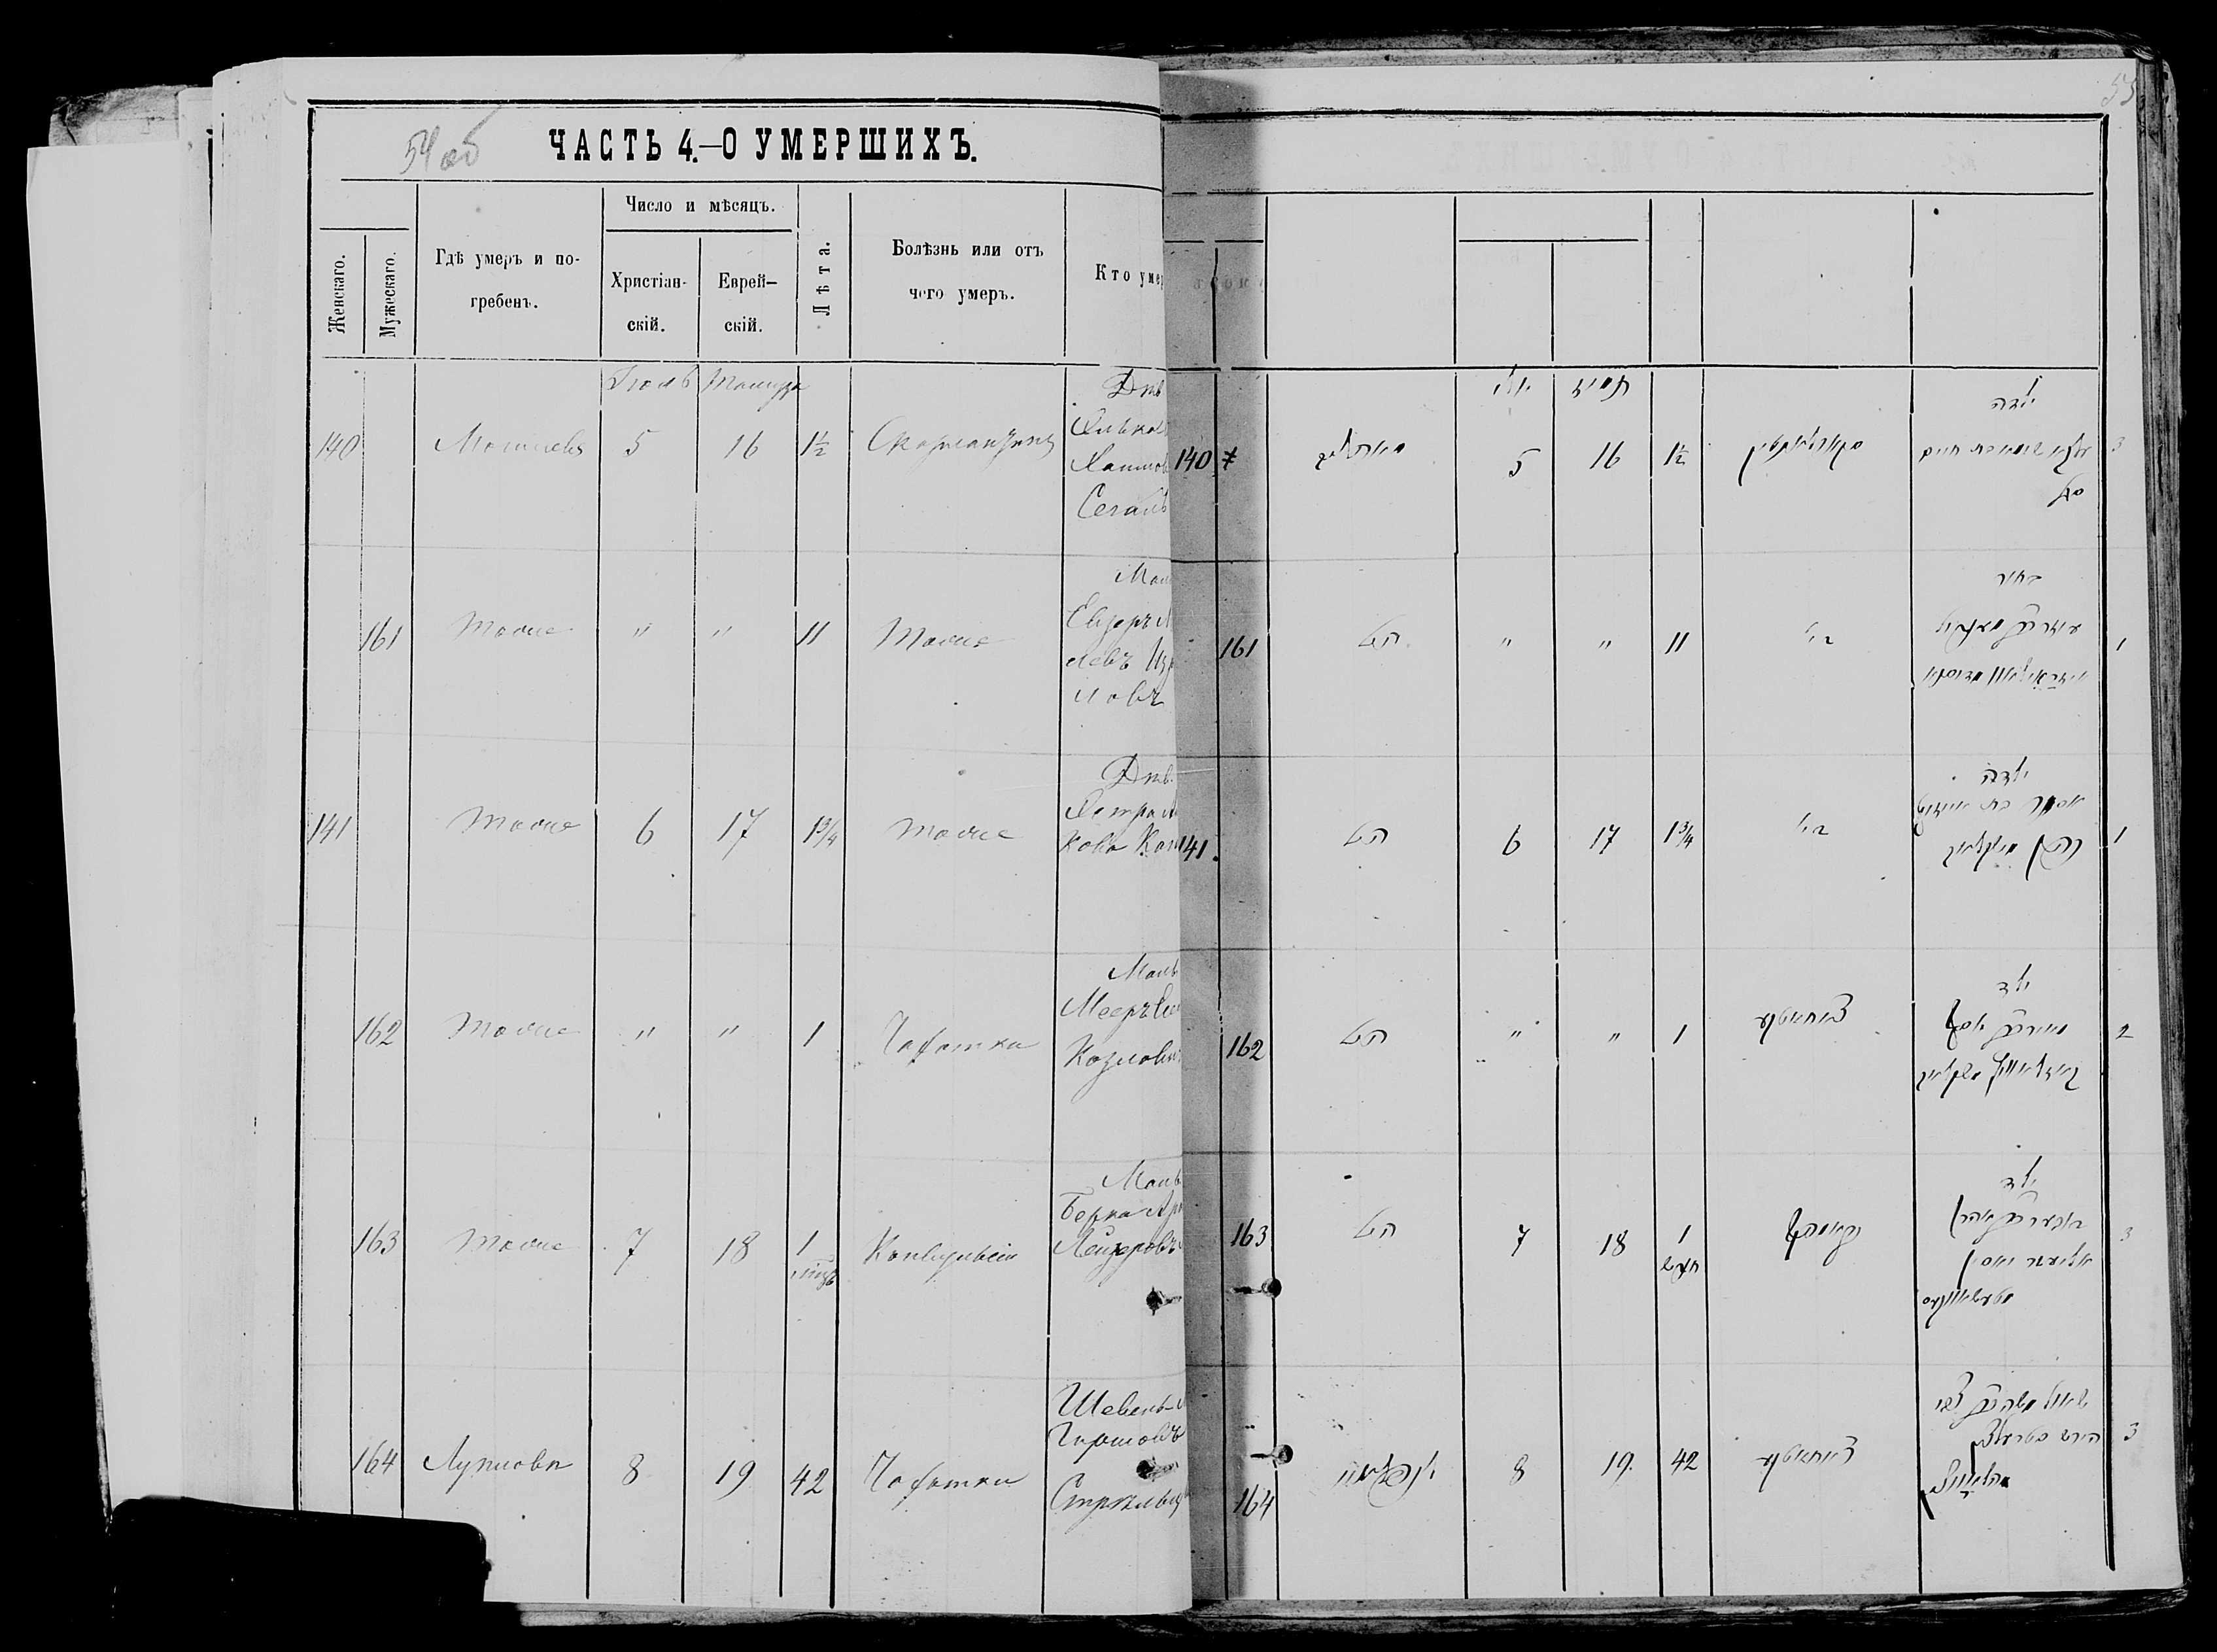 Шевиль Гиршенович Стрельцын ум. 8 июля 1878, запись 164, пленка 117766481, снимок 171